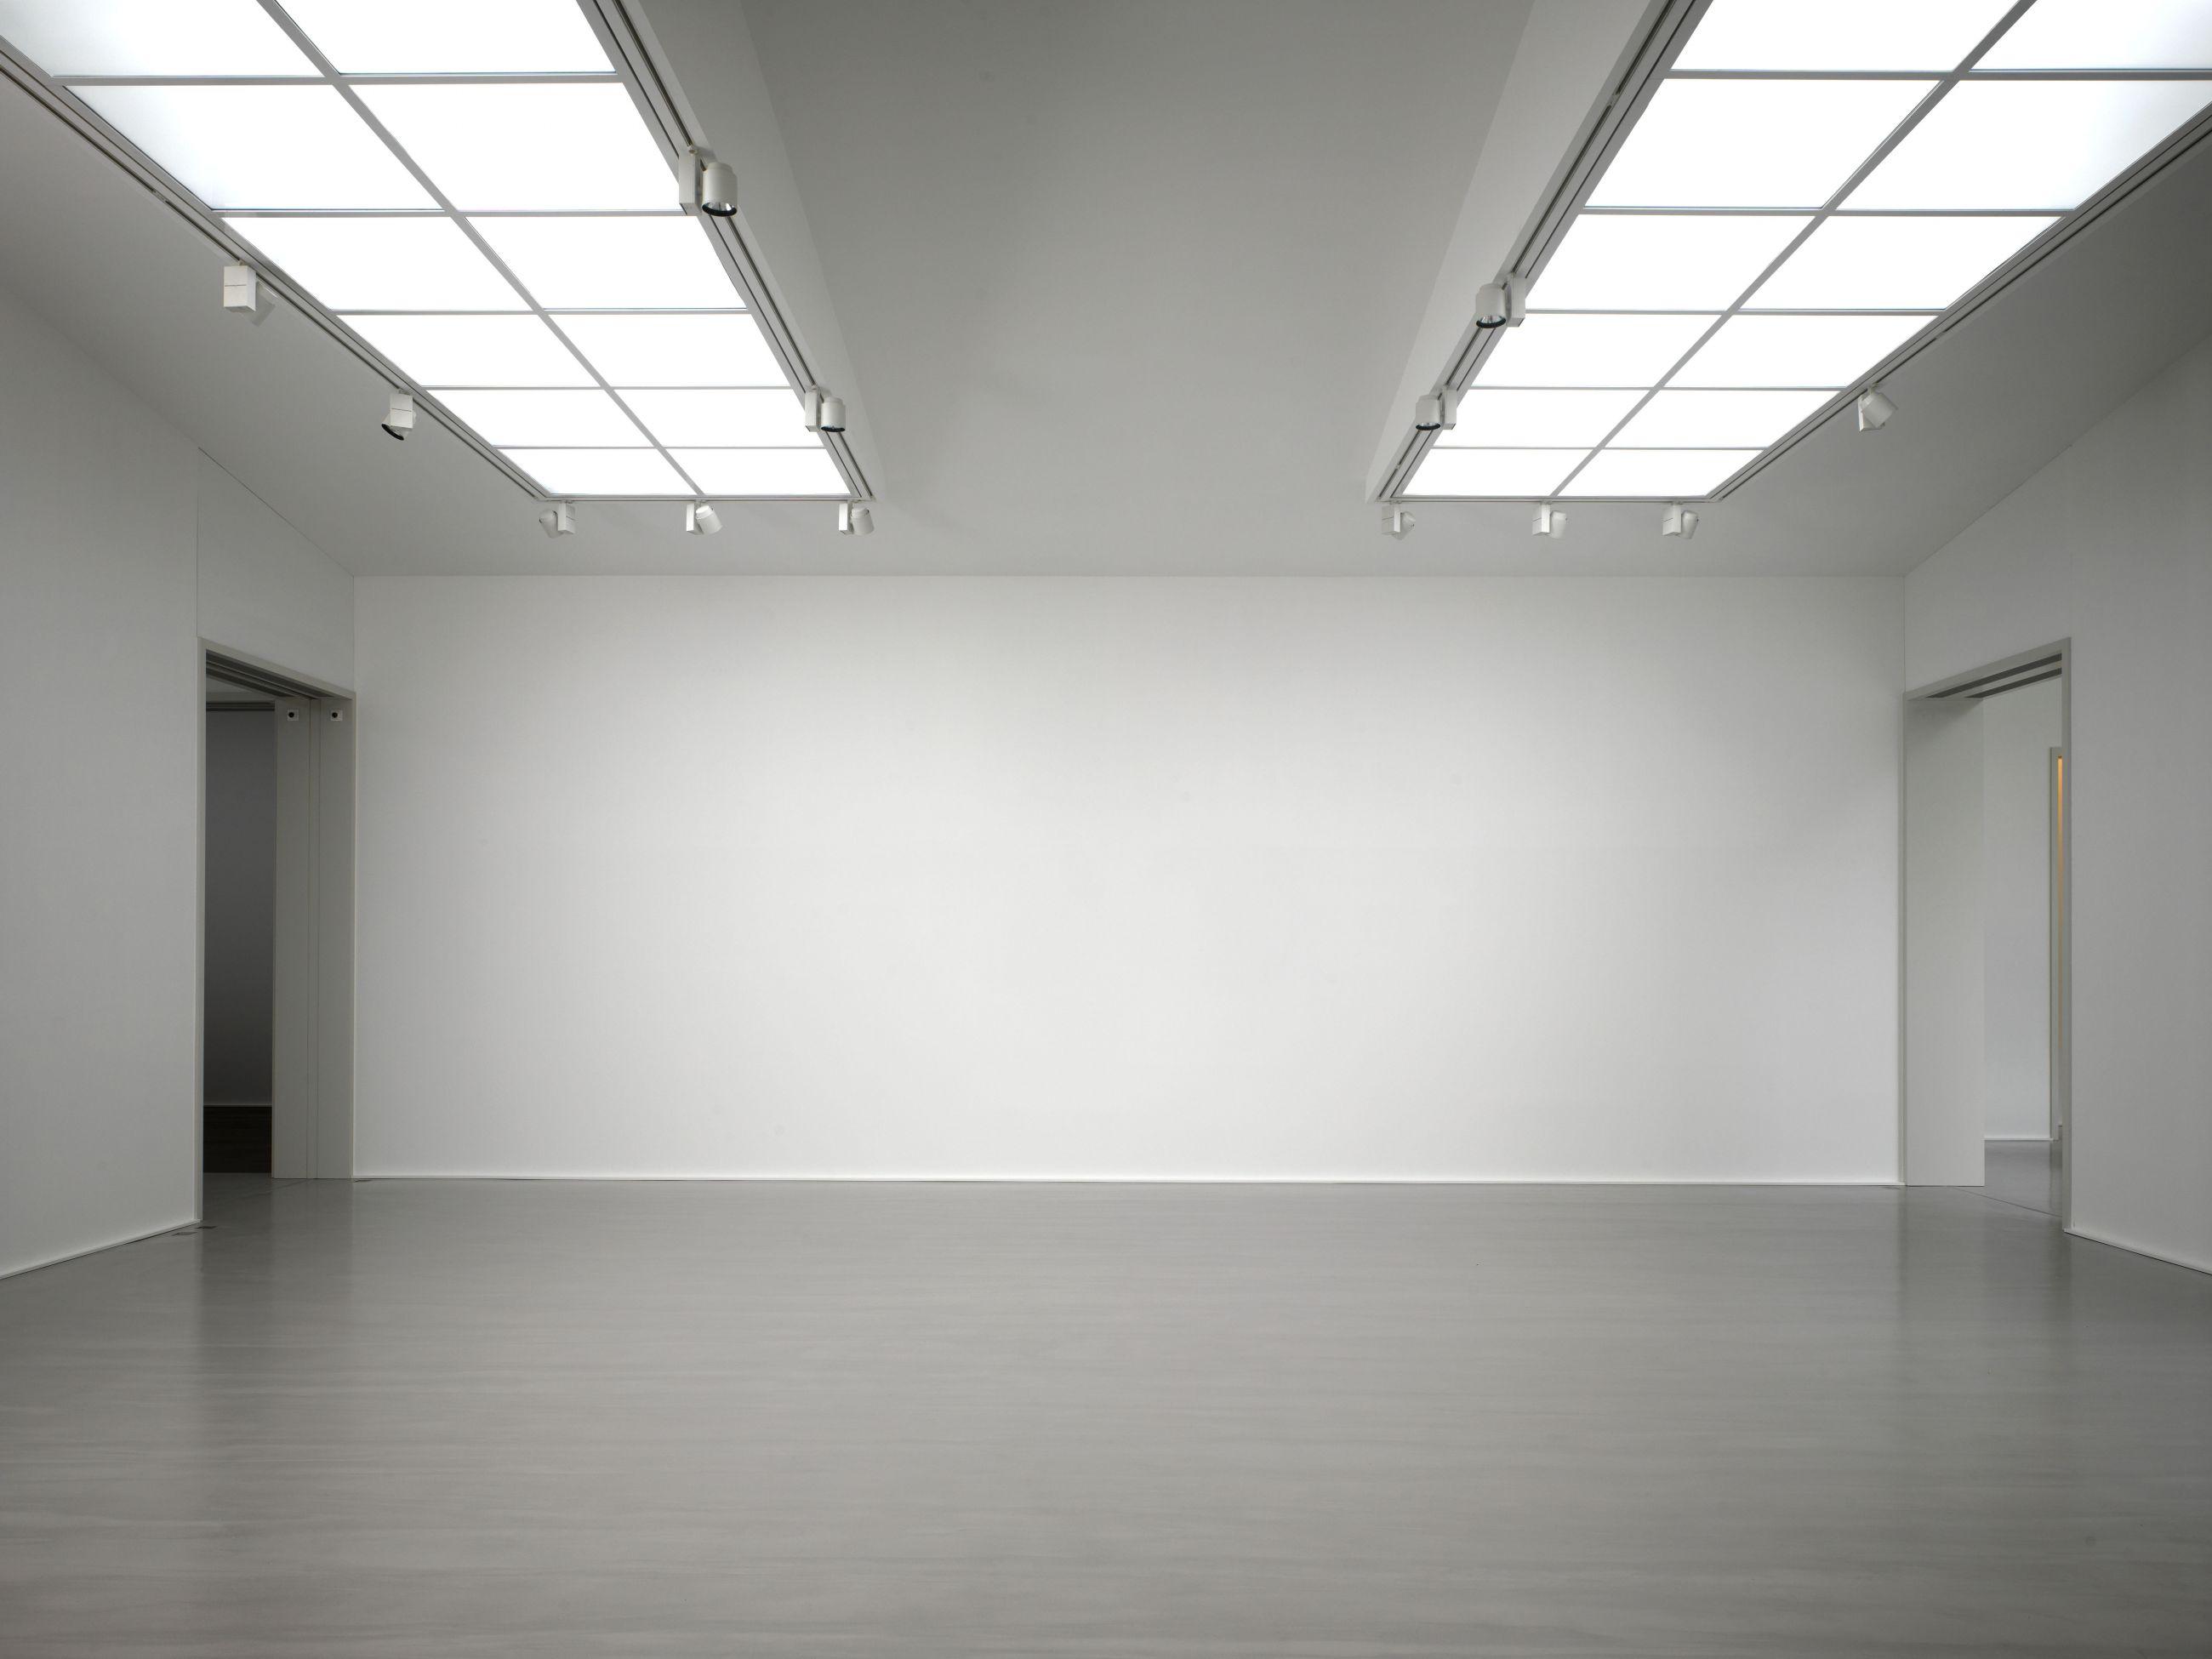 White Room Art Gallery